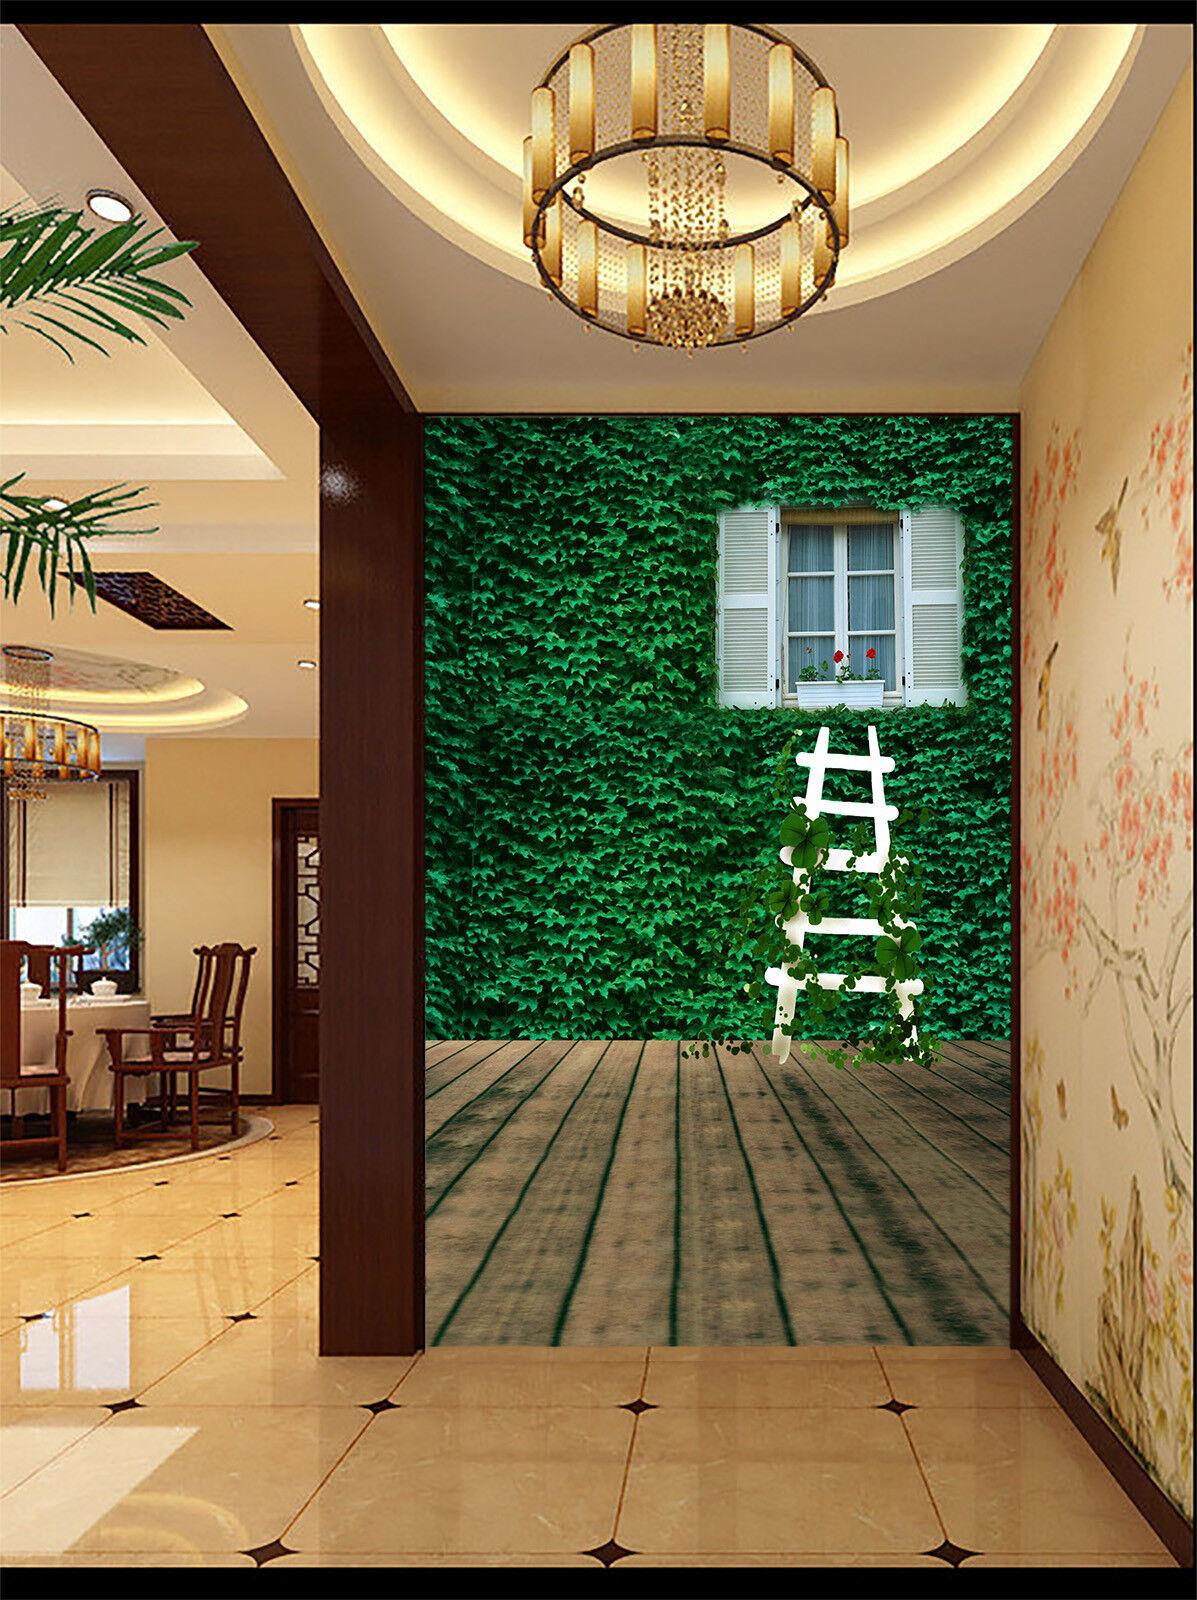 Papel Pintado Mural De Vellón Escaleras De Vid Ventana 31 Paisaje Fondo Pansize